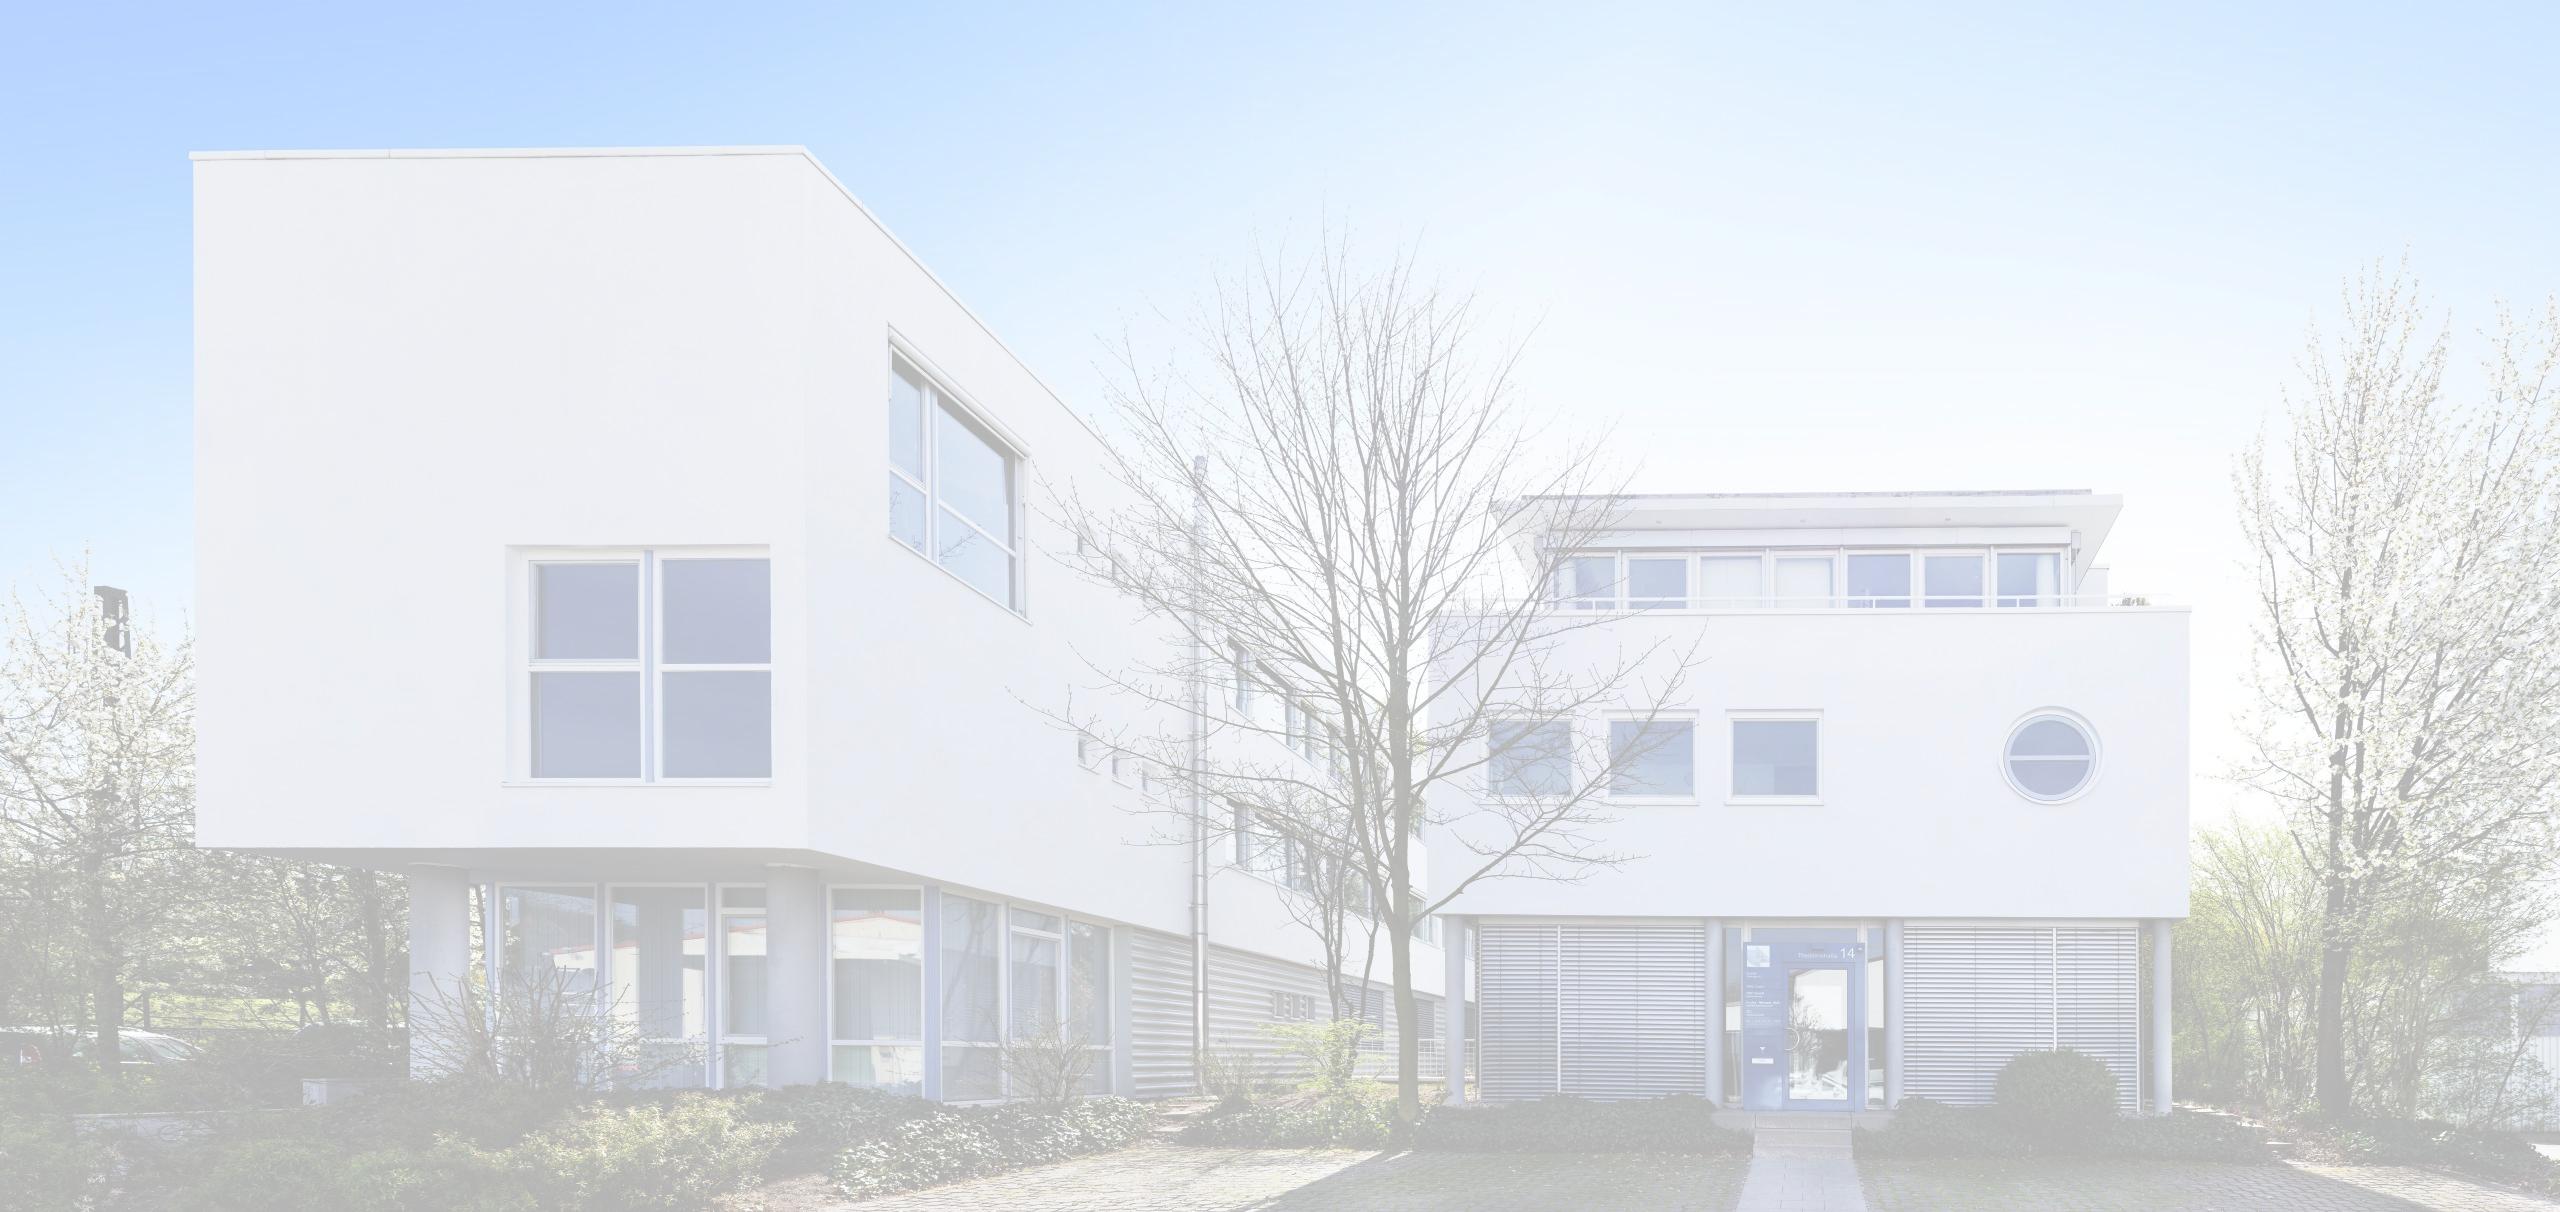 Der Standort des Büros in der Thaddenstraße in Weinheim